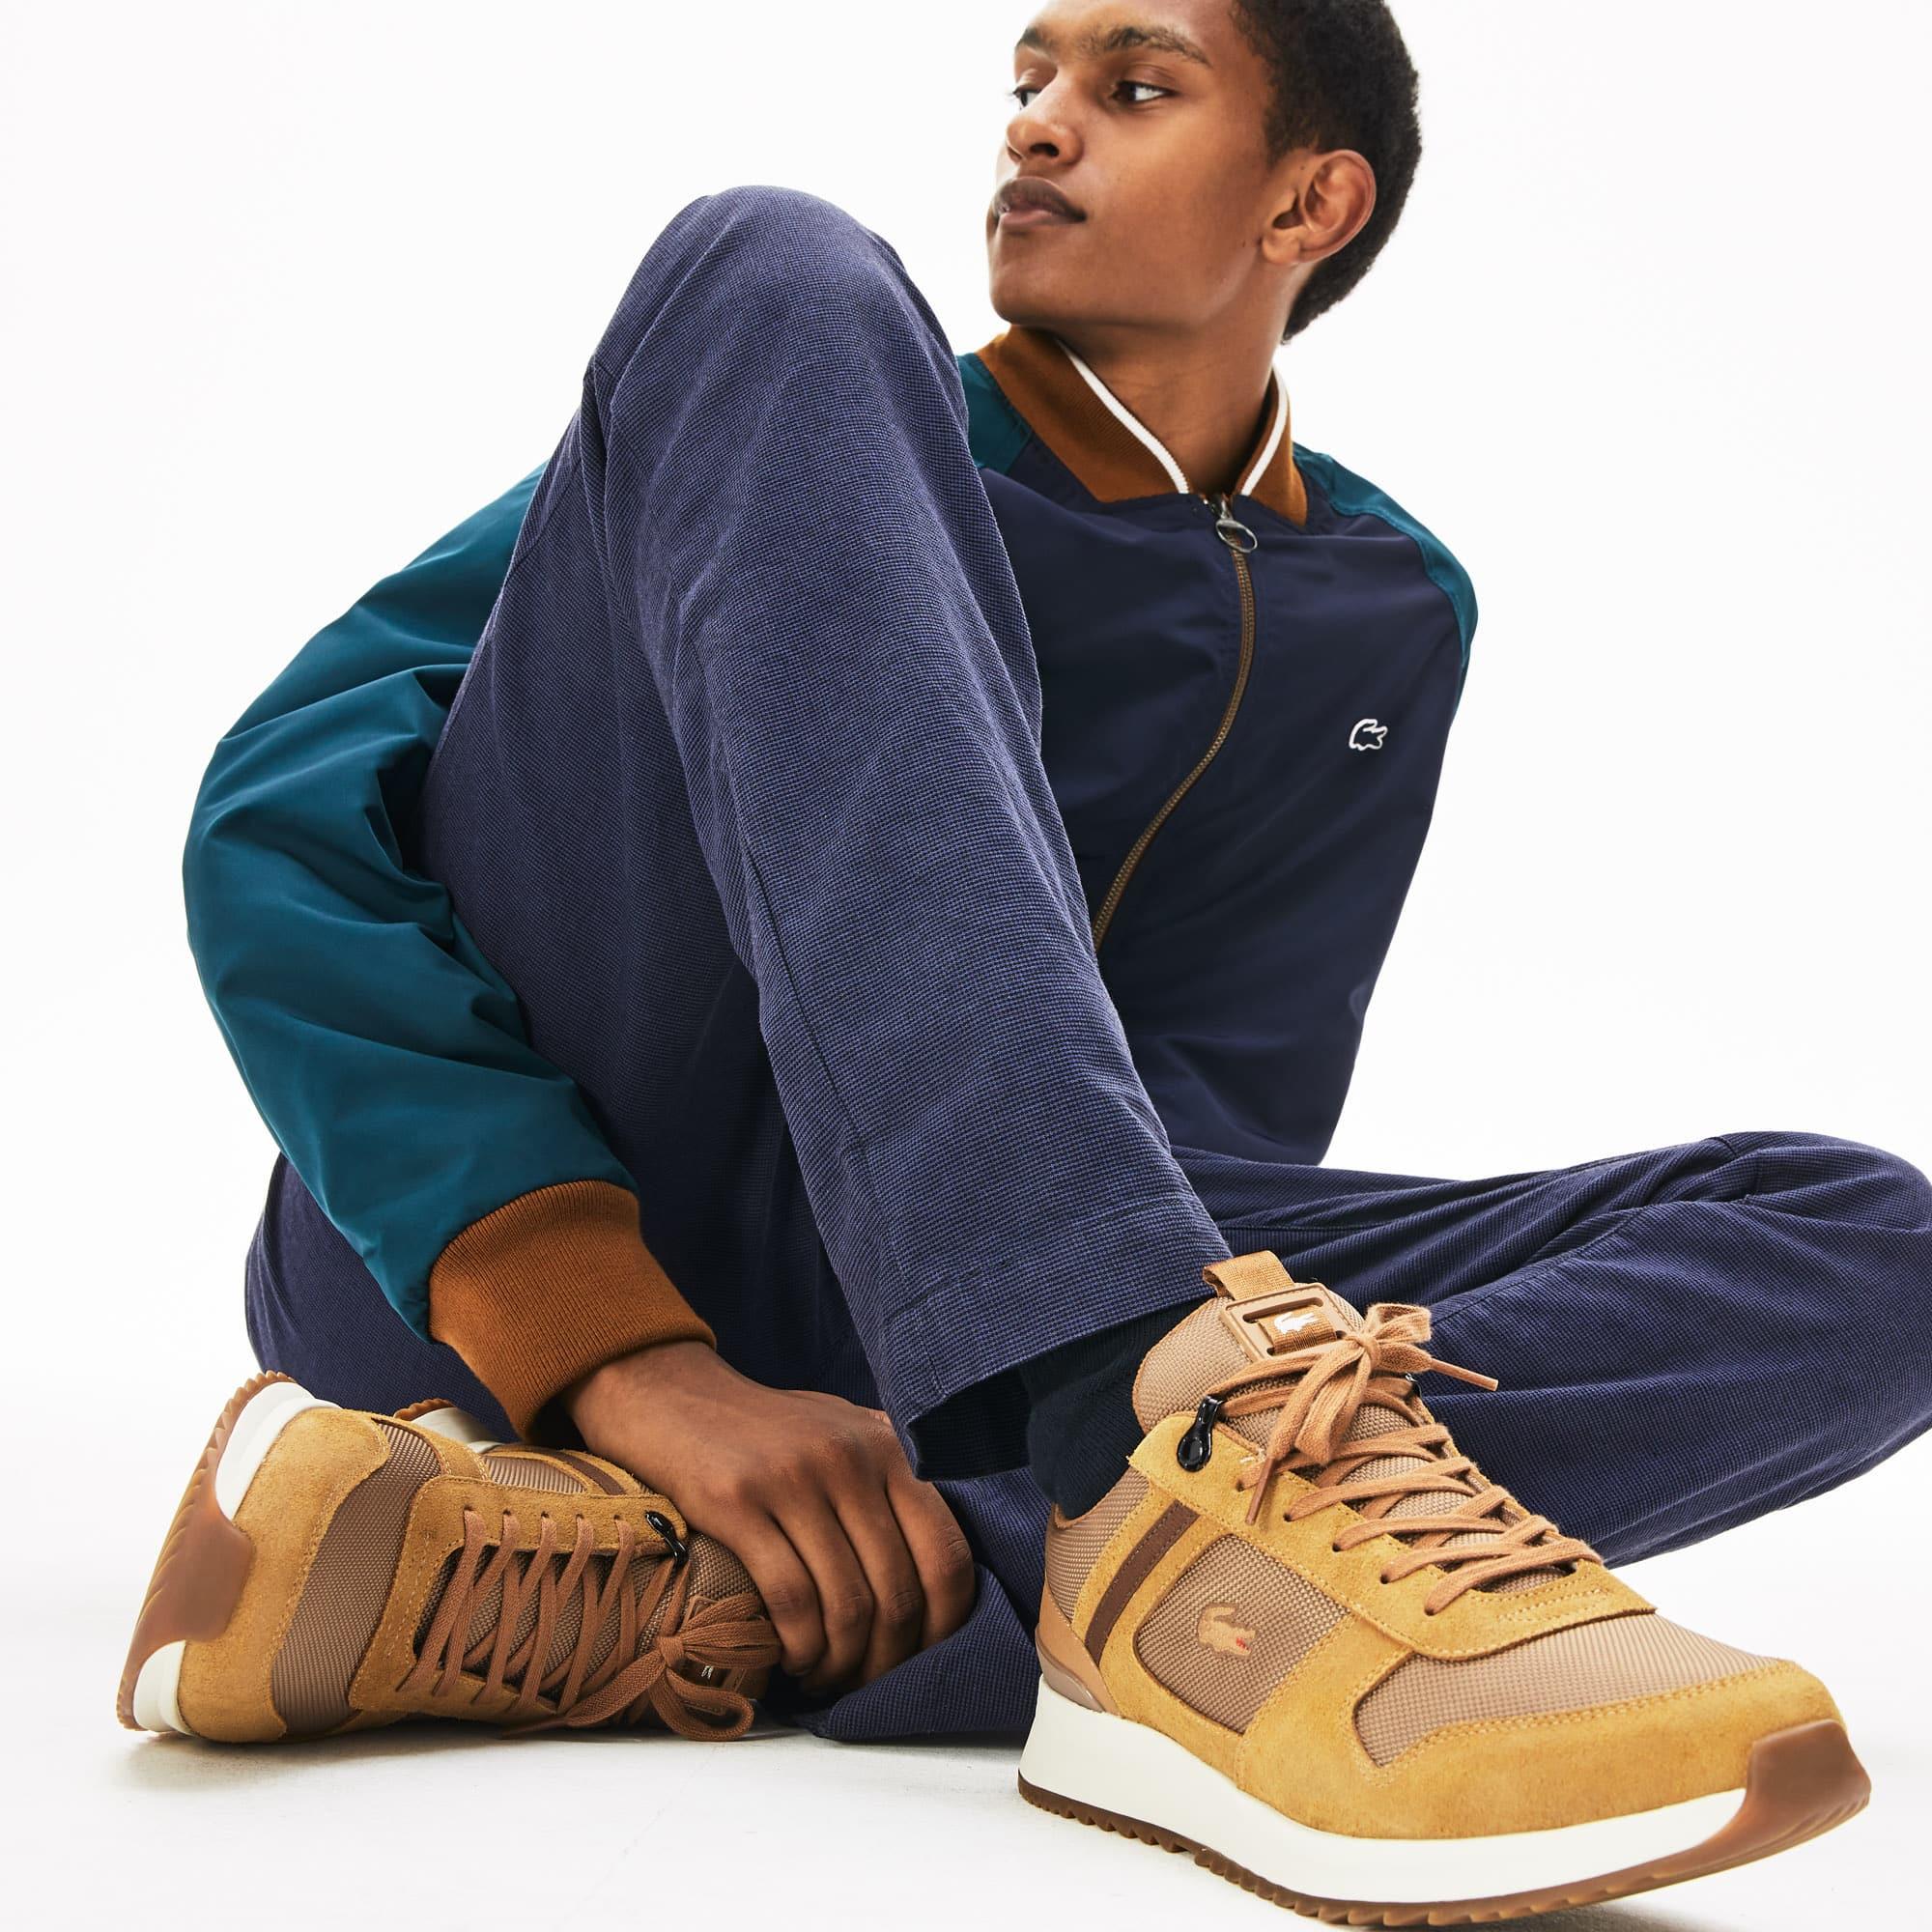 HommeLacoste Sneakers Sneakers Et HommeBaskets Chaussures HommeBaskets CWrdxoeB